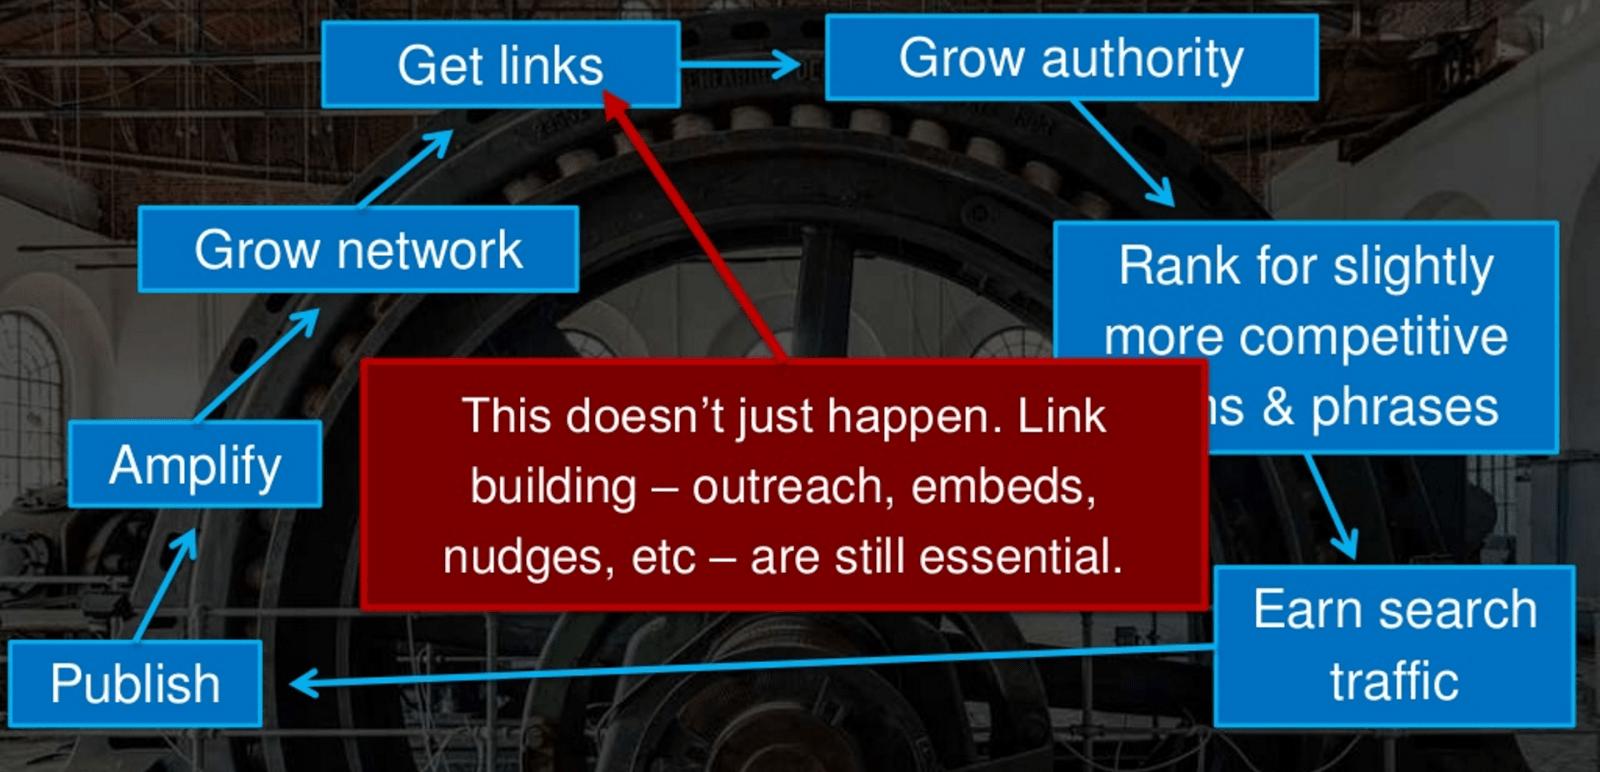 rand searchlove link building slide.png